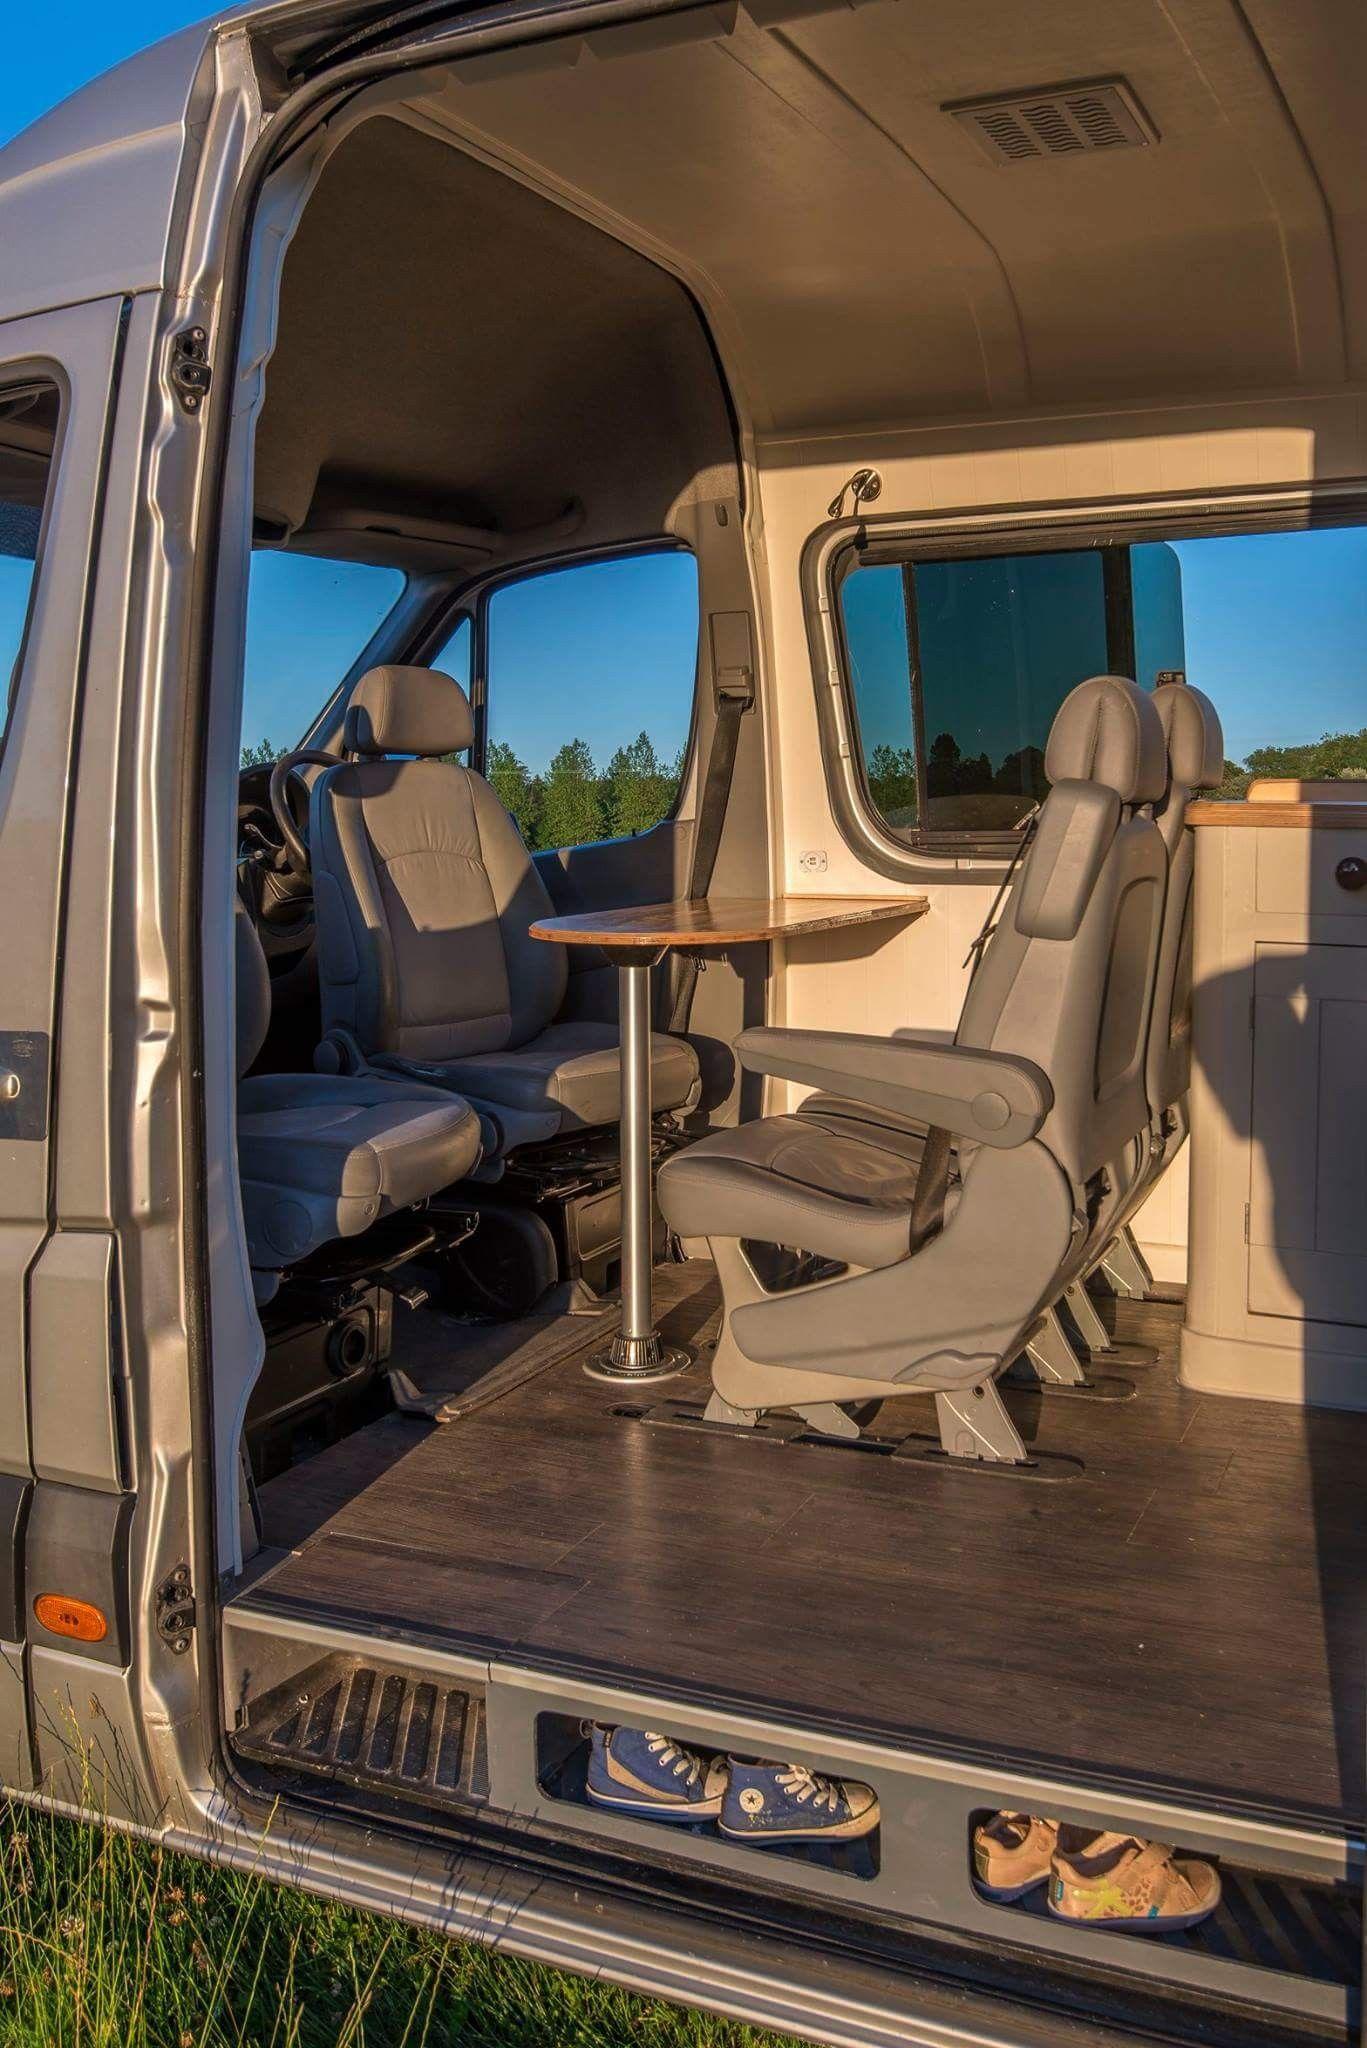 4 Person Sprinter Van Camper Camper Van Conversion Diy